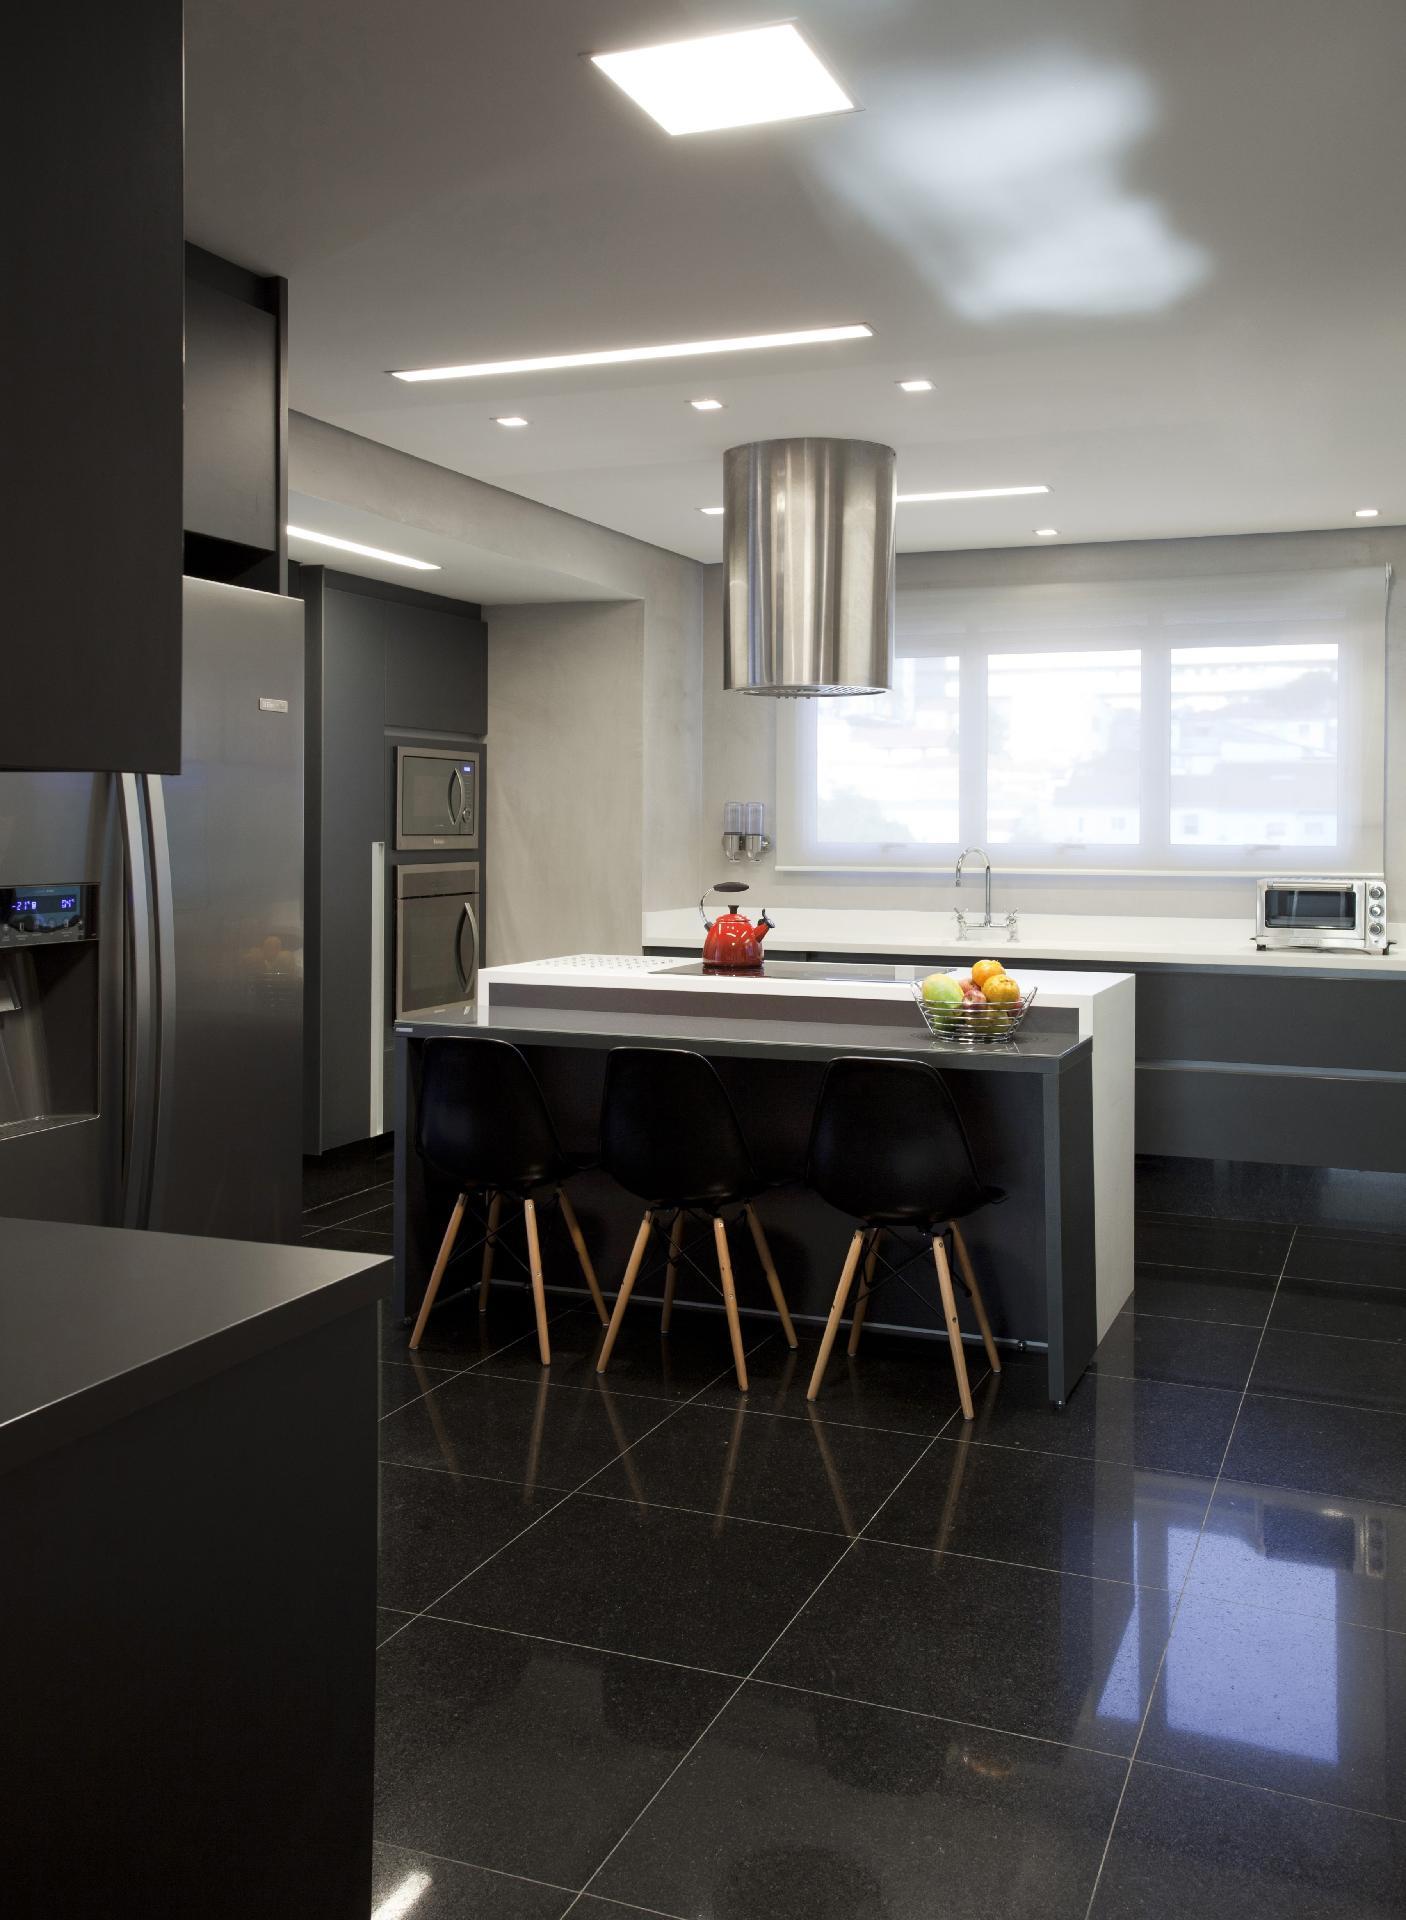 #455286 Pin Fotos De Bancada Para Cozinha Americana on Pinterest 1406x1920 px Qual A Altura Do Balcão De Cozinha Americana #955 imagens